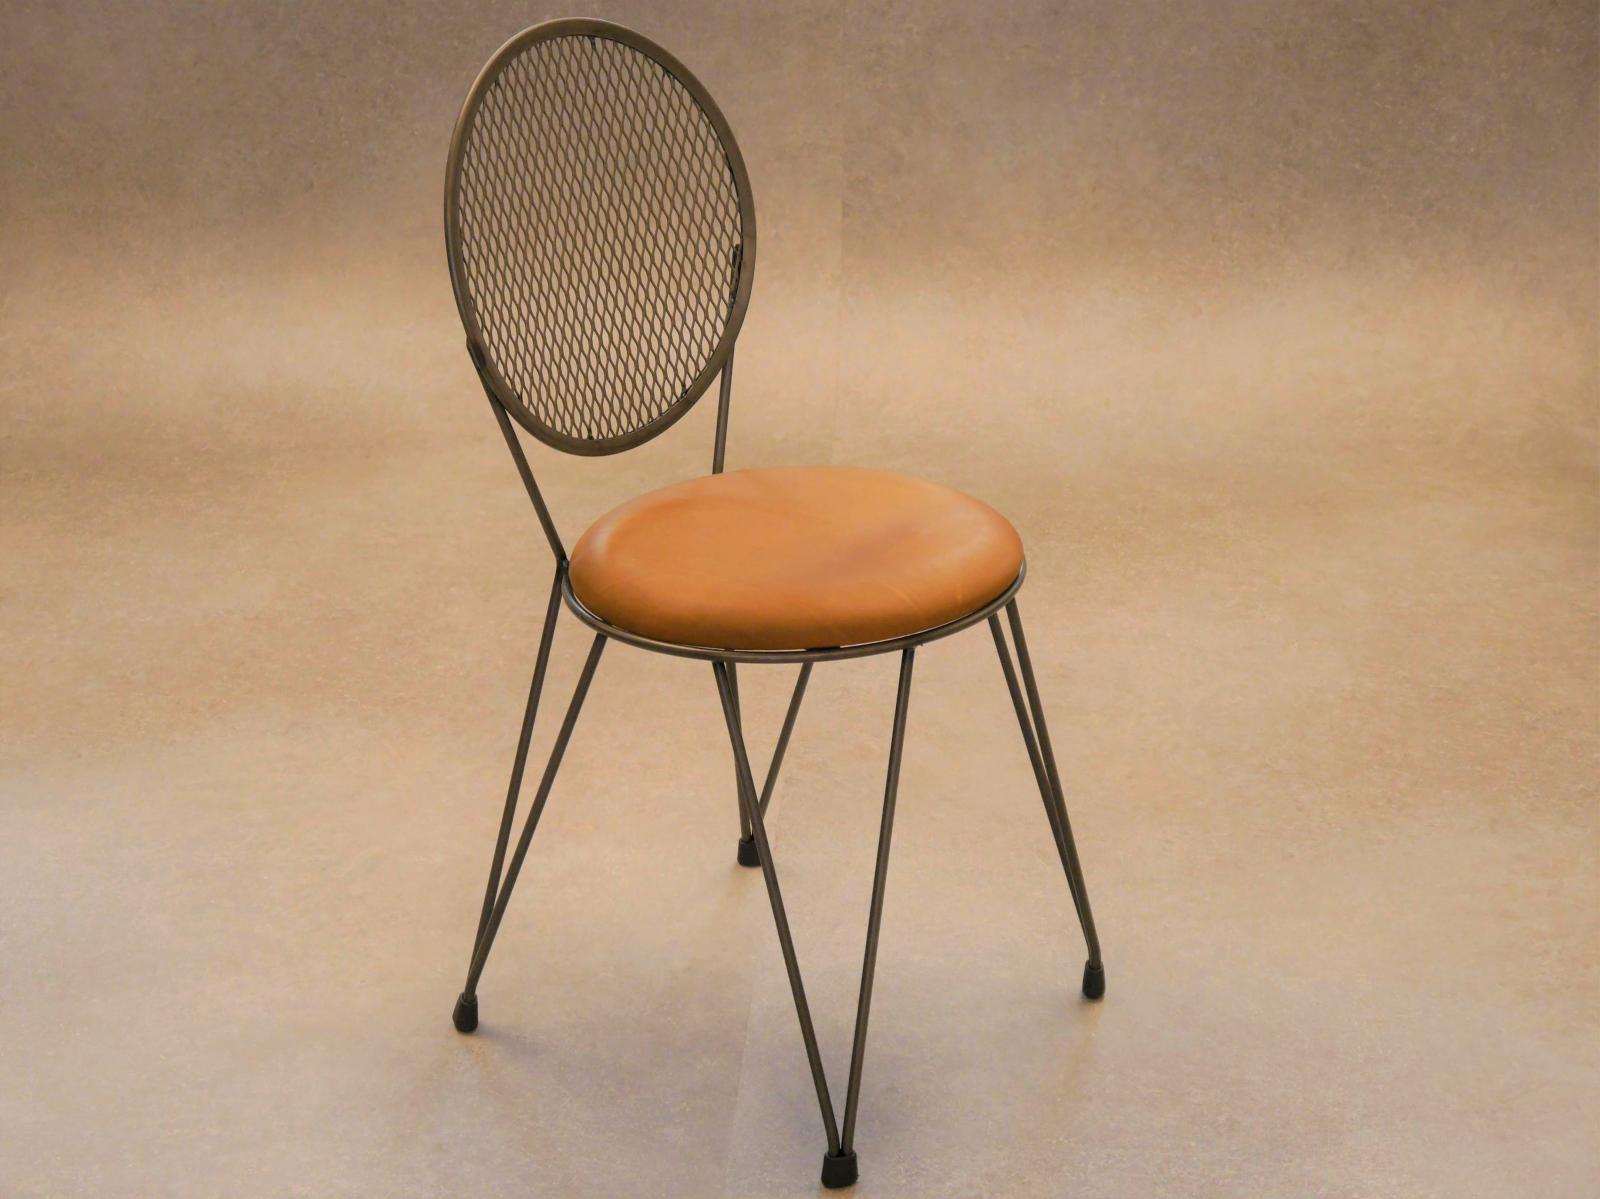 Silla mariona con asiento tapizado en piel a la cera estructura en hierro natural barnizado